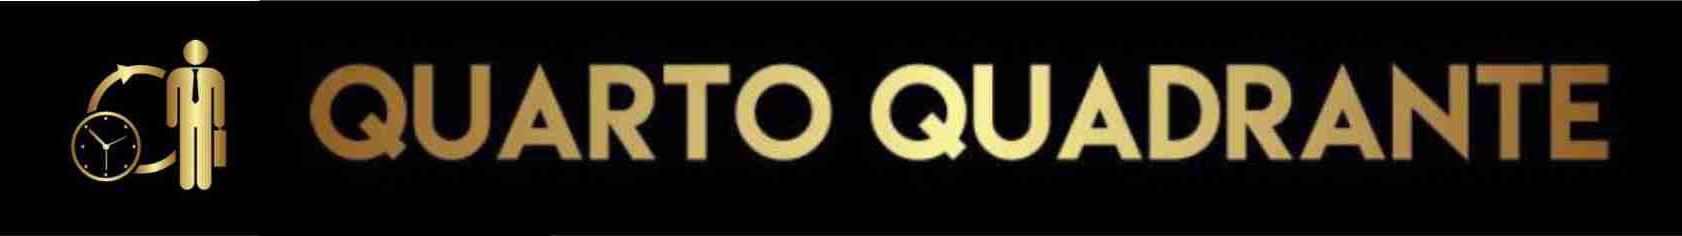 Quarto Quadrante LOGO02